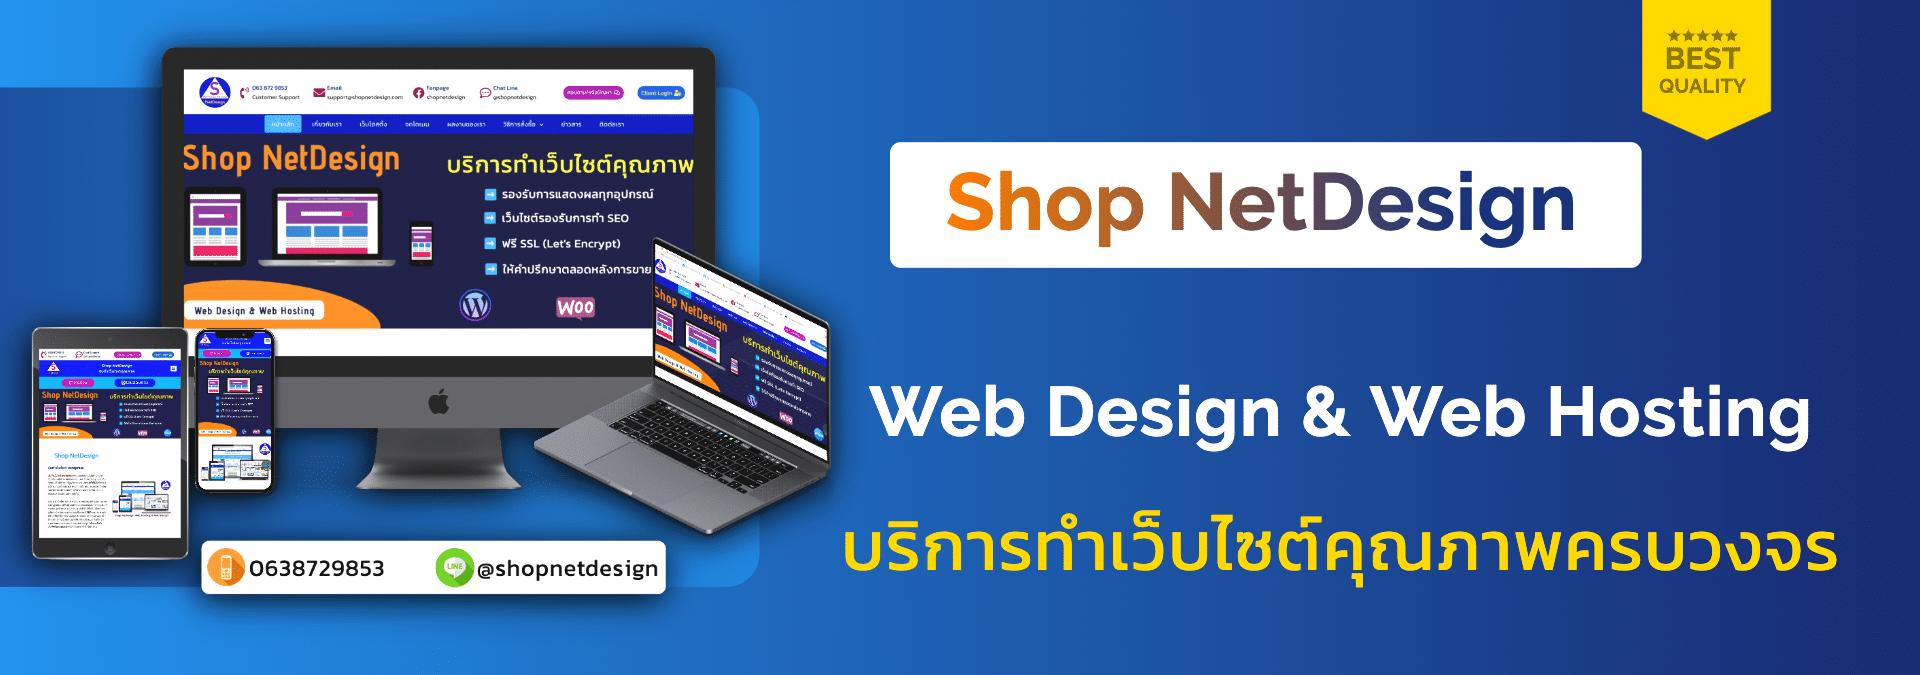 เกี่ยวกับ shopnetdesign